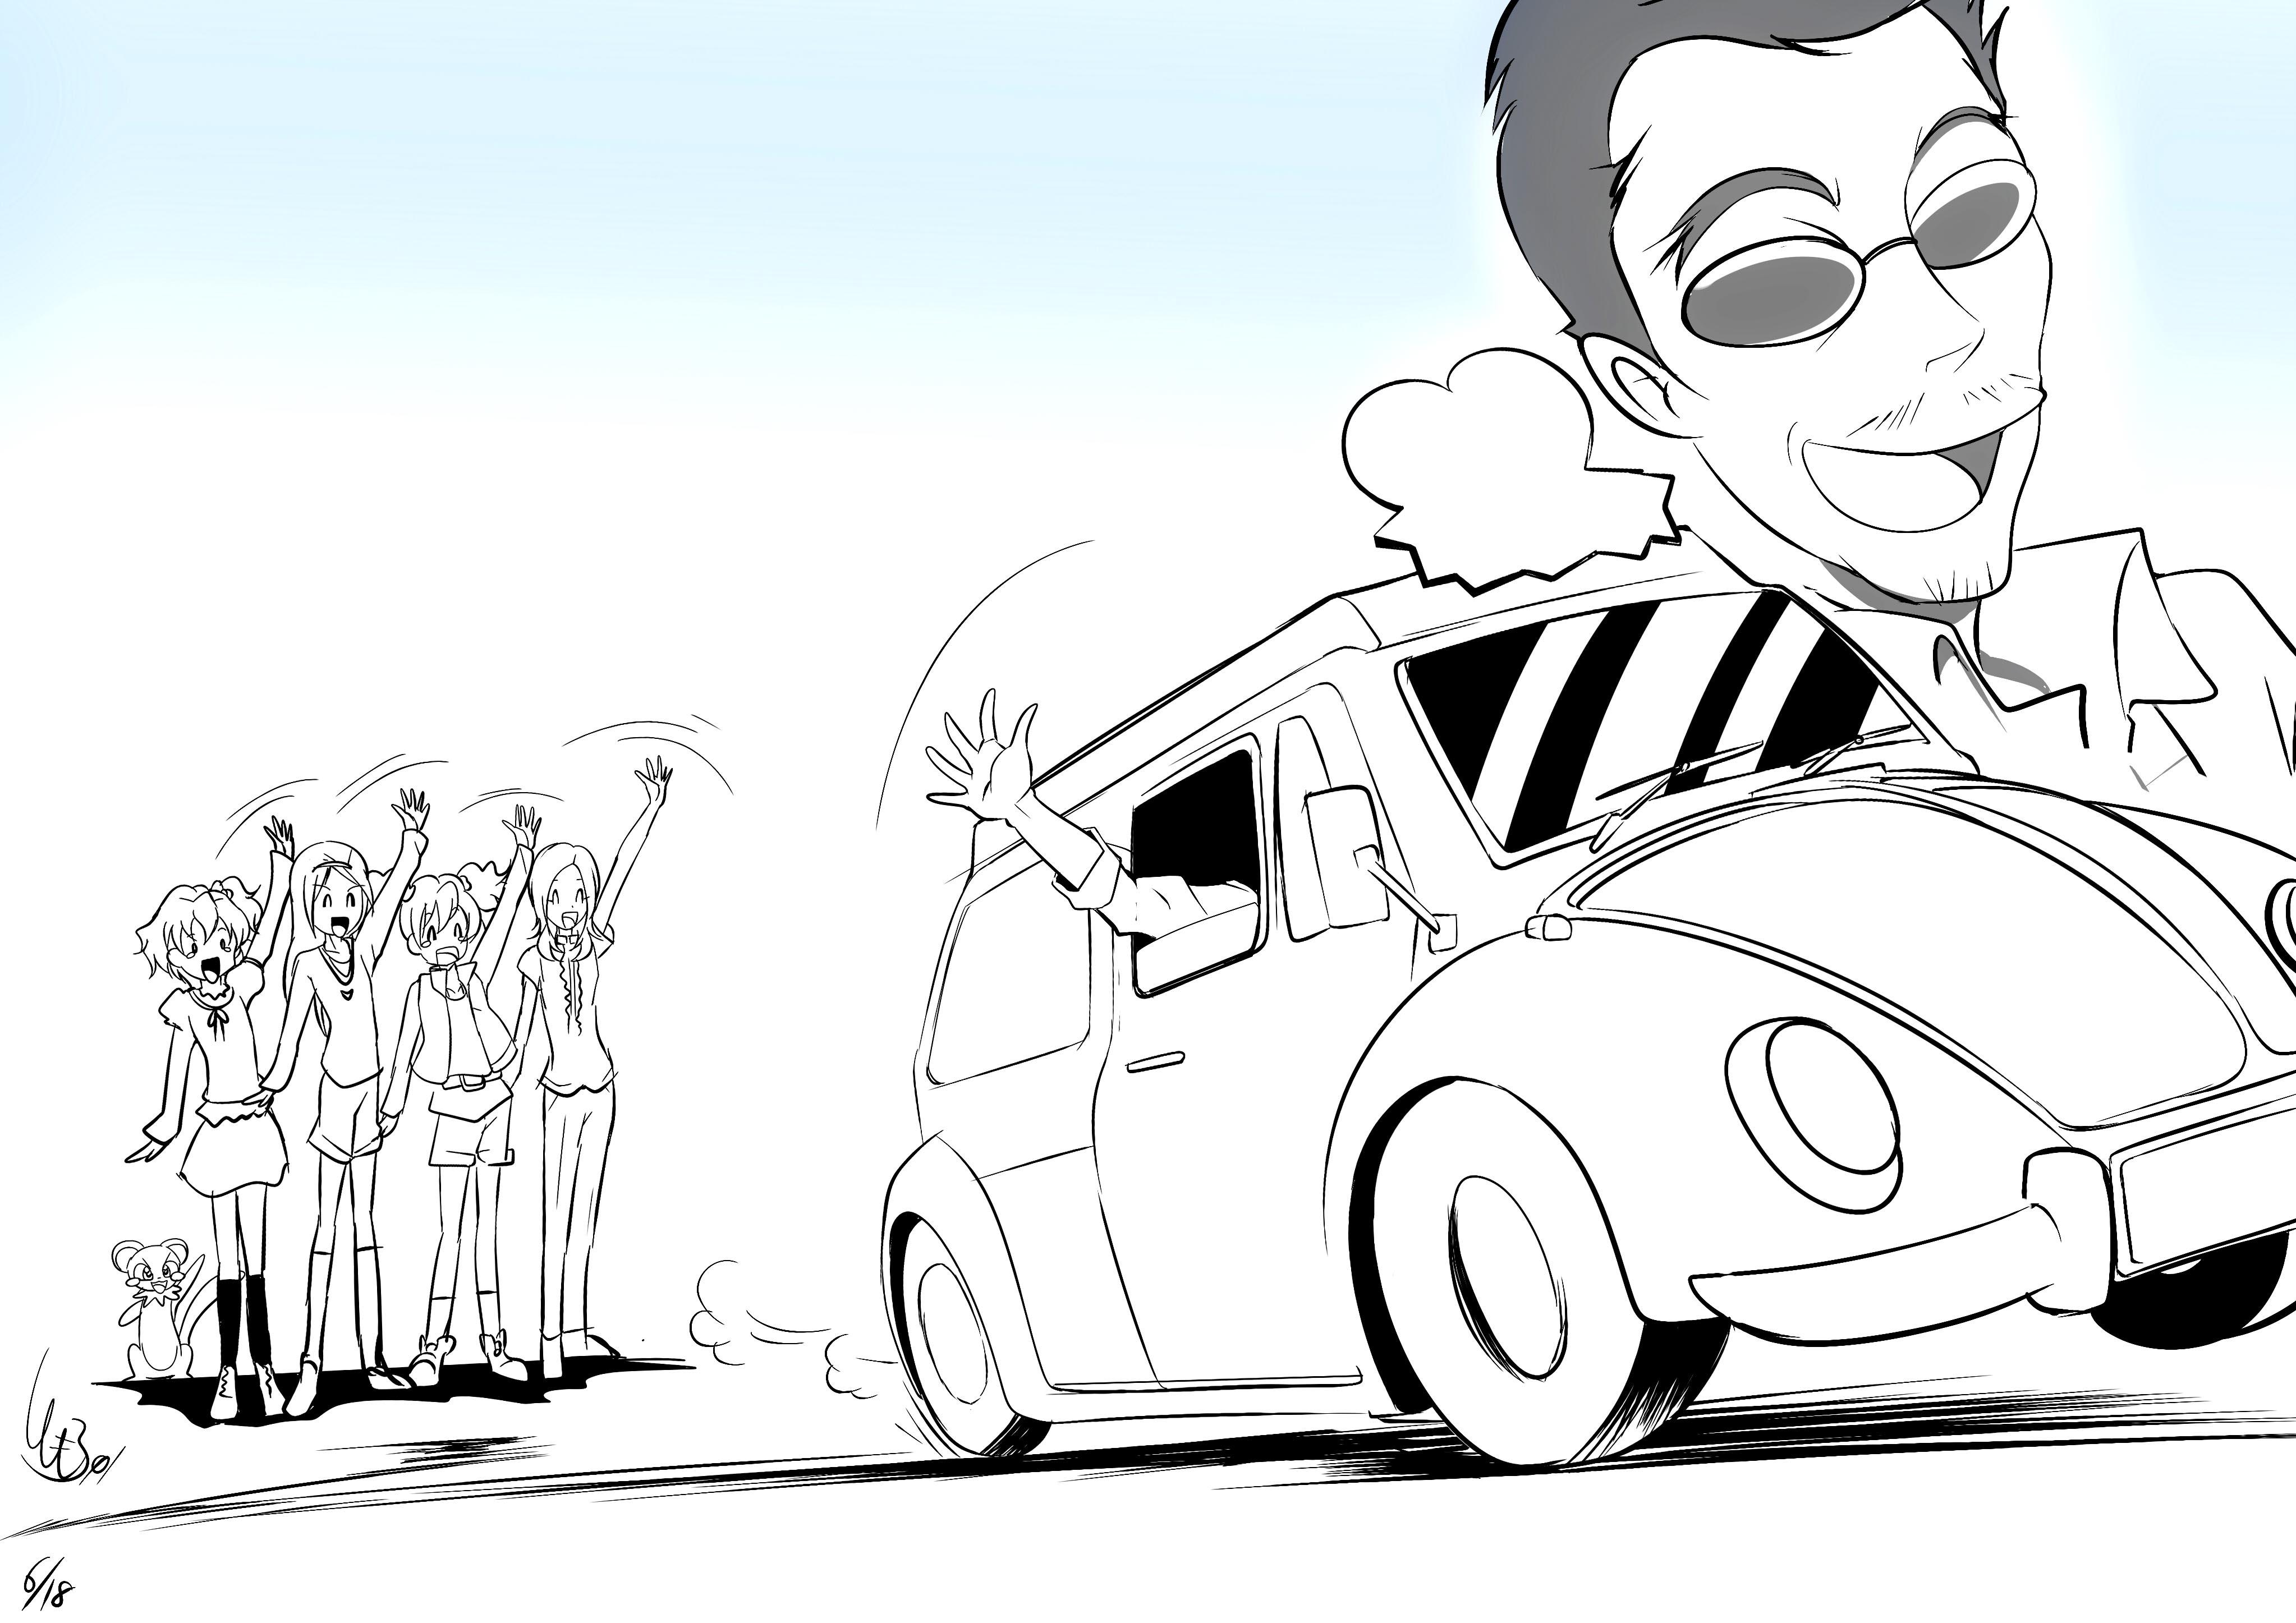 トモナム〈プリキュアLSLアンソロ参加〉 (@Tomorrow01)さんのイラスト